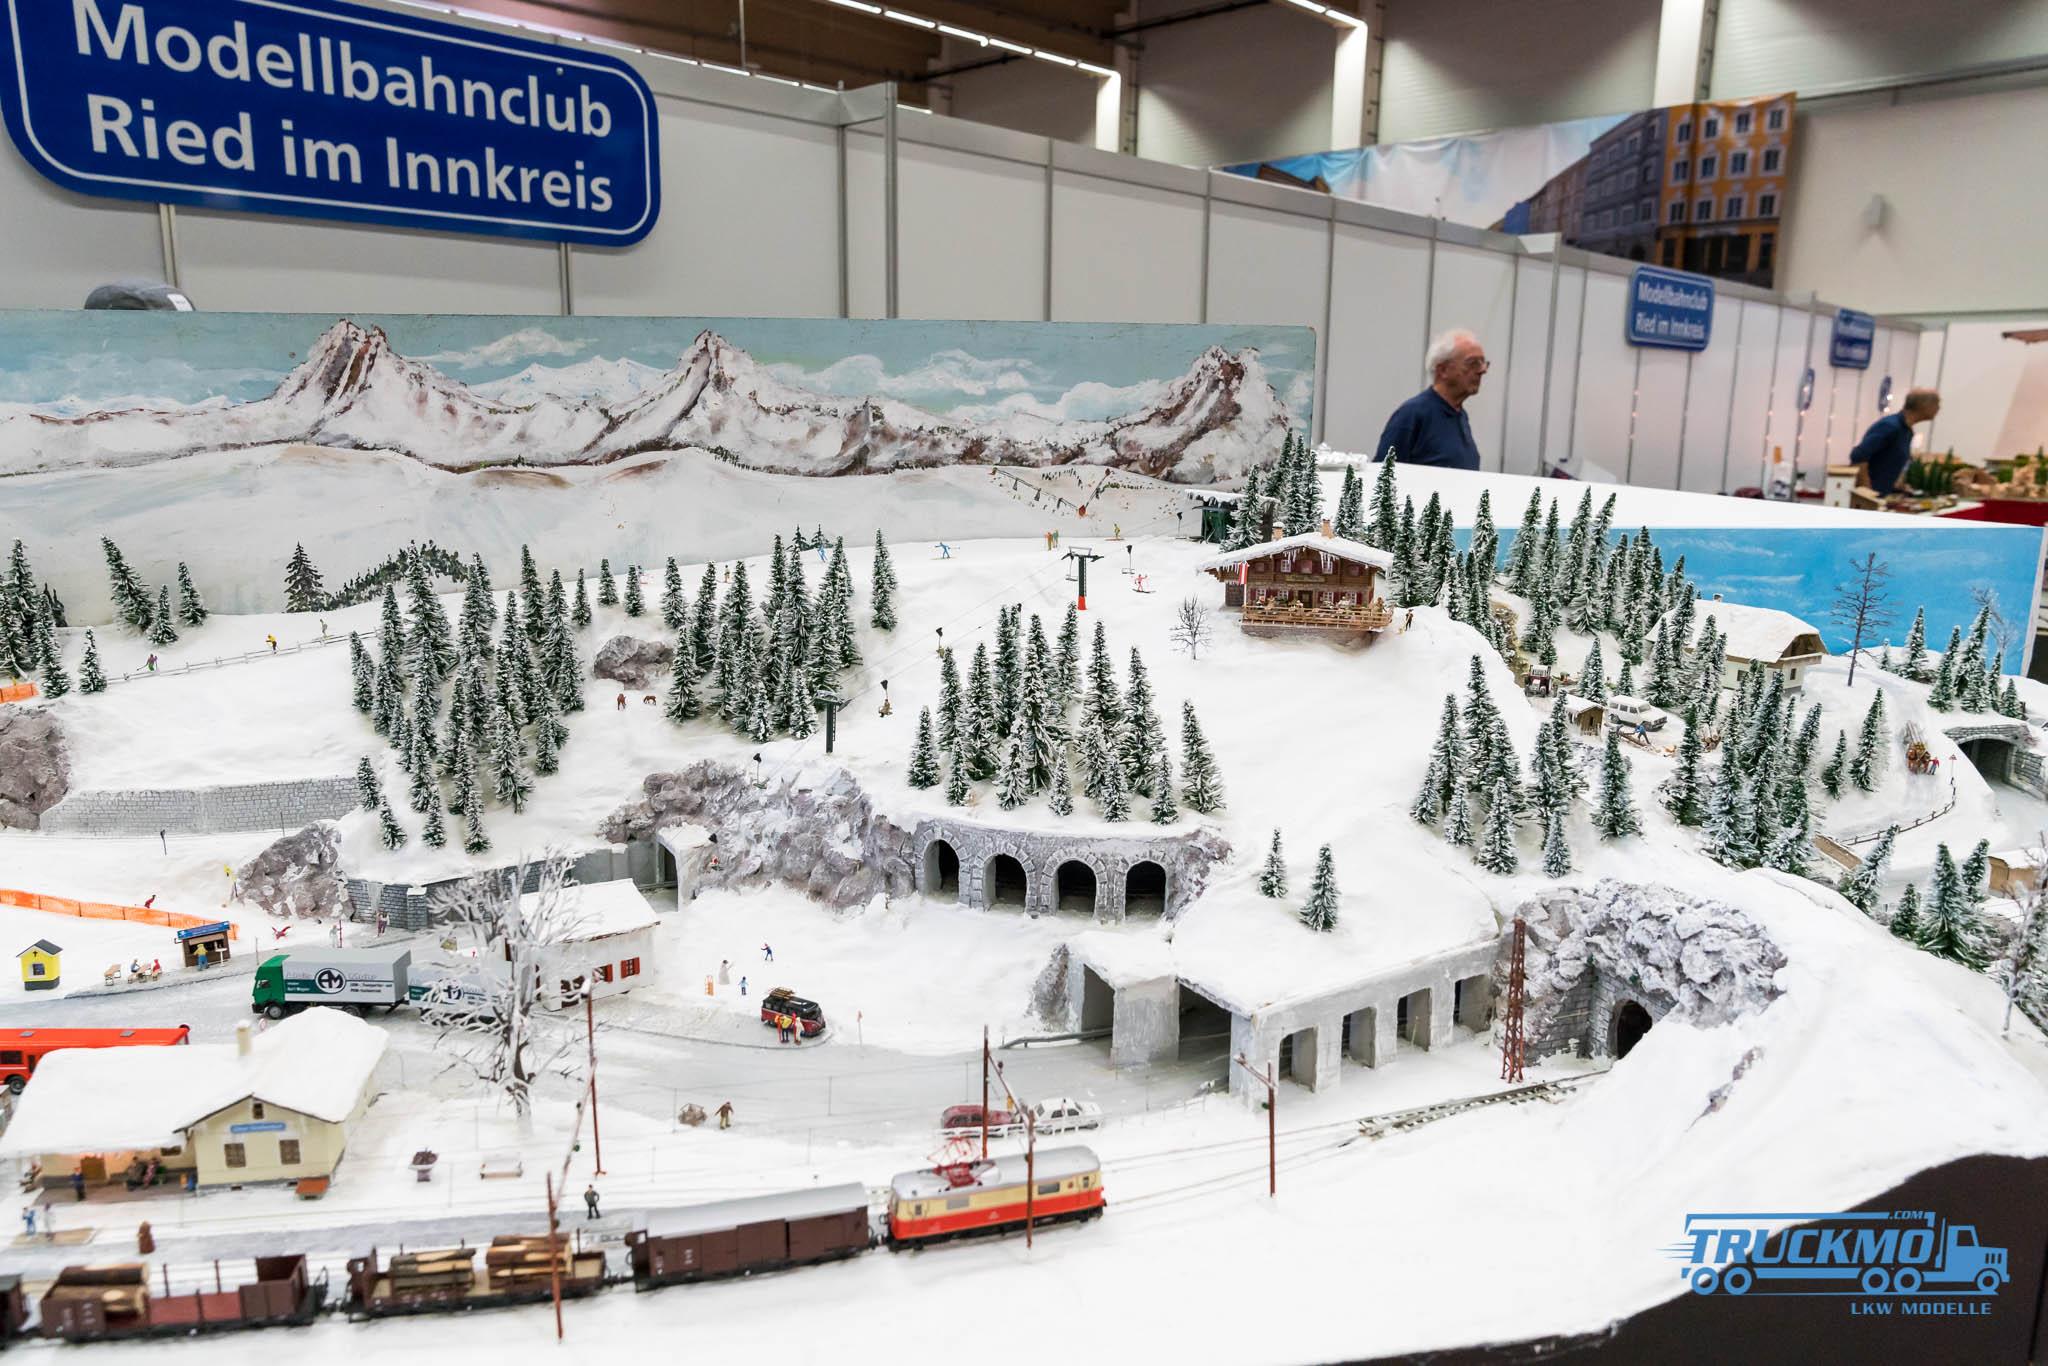 Truckmo_Modellbau_Ried_2017_Herpa_Messe_Modellbauausstellung (80 von 1177)